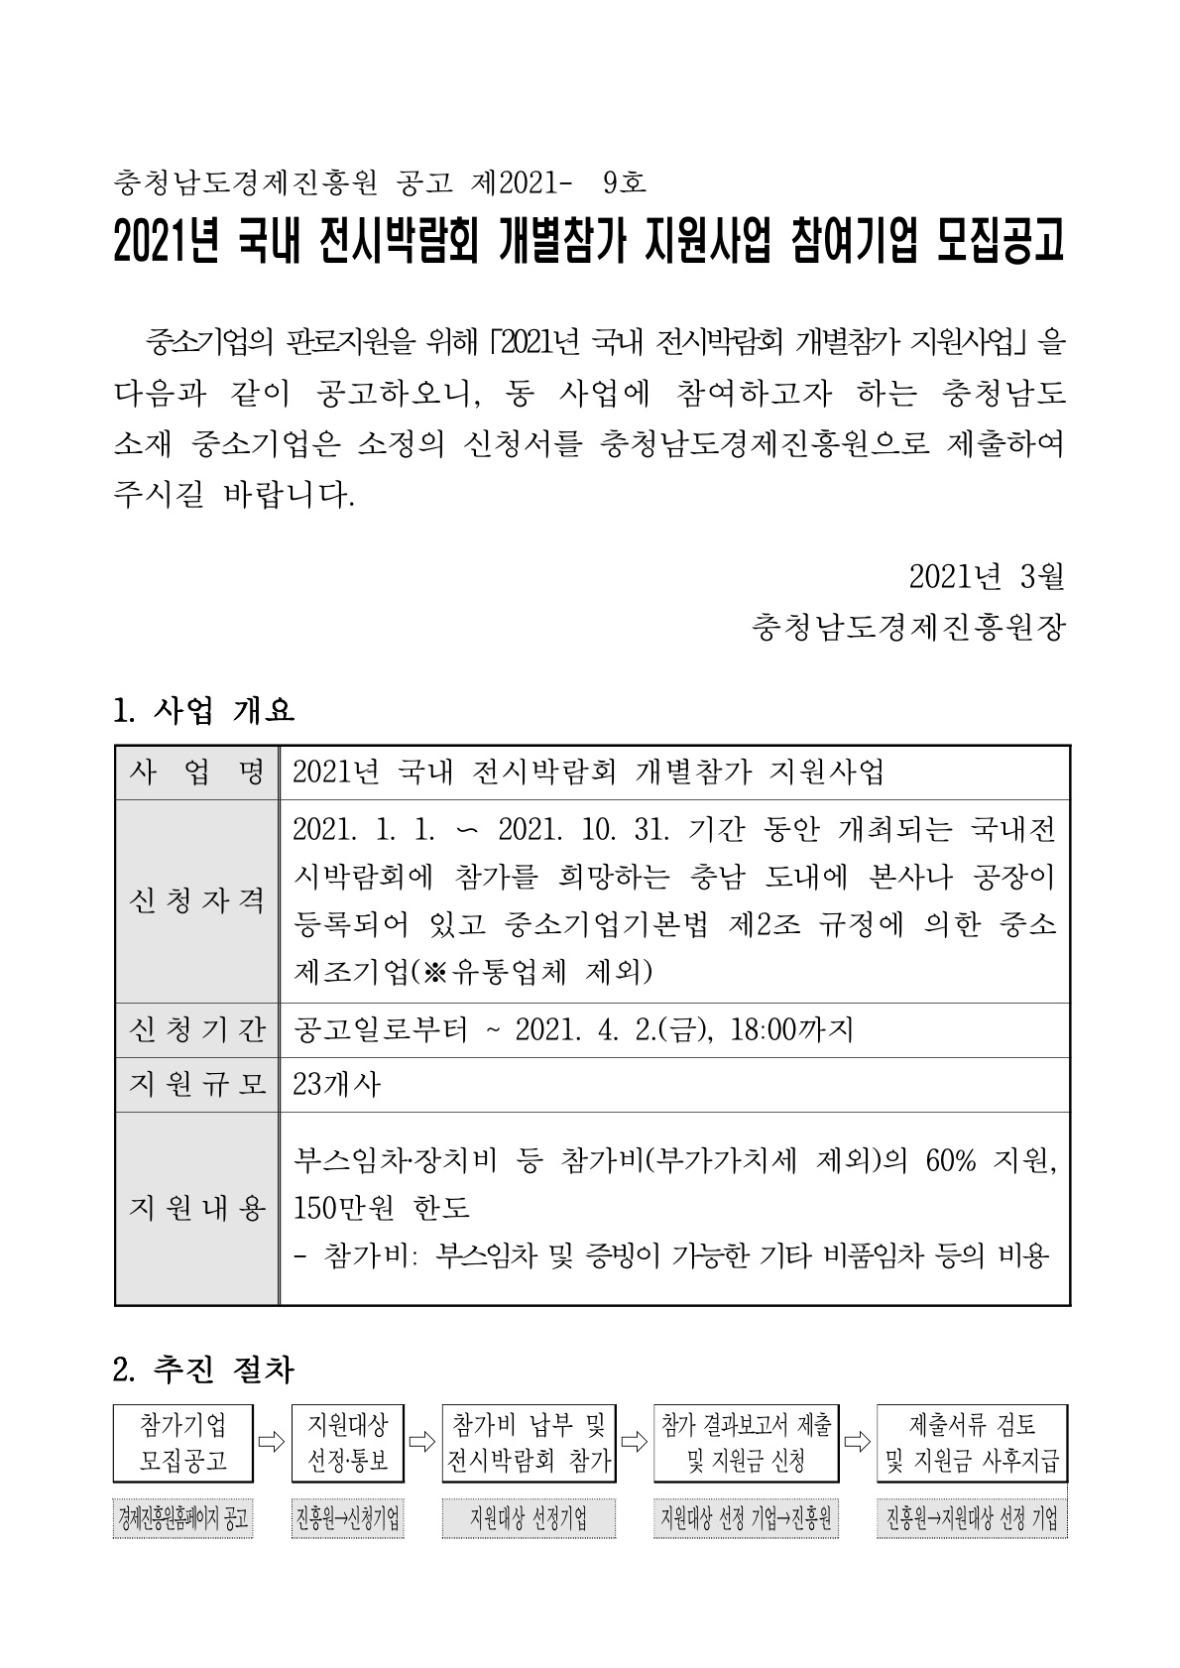 2021년 국내 전시박람회 개별참가지원 공고문_1.jpg